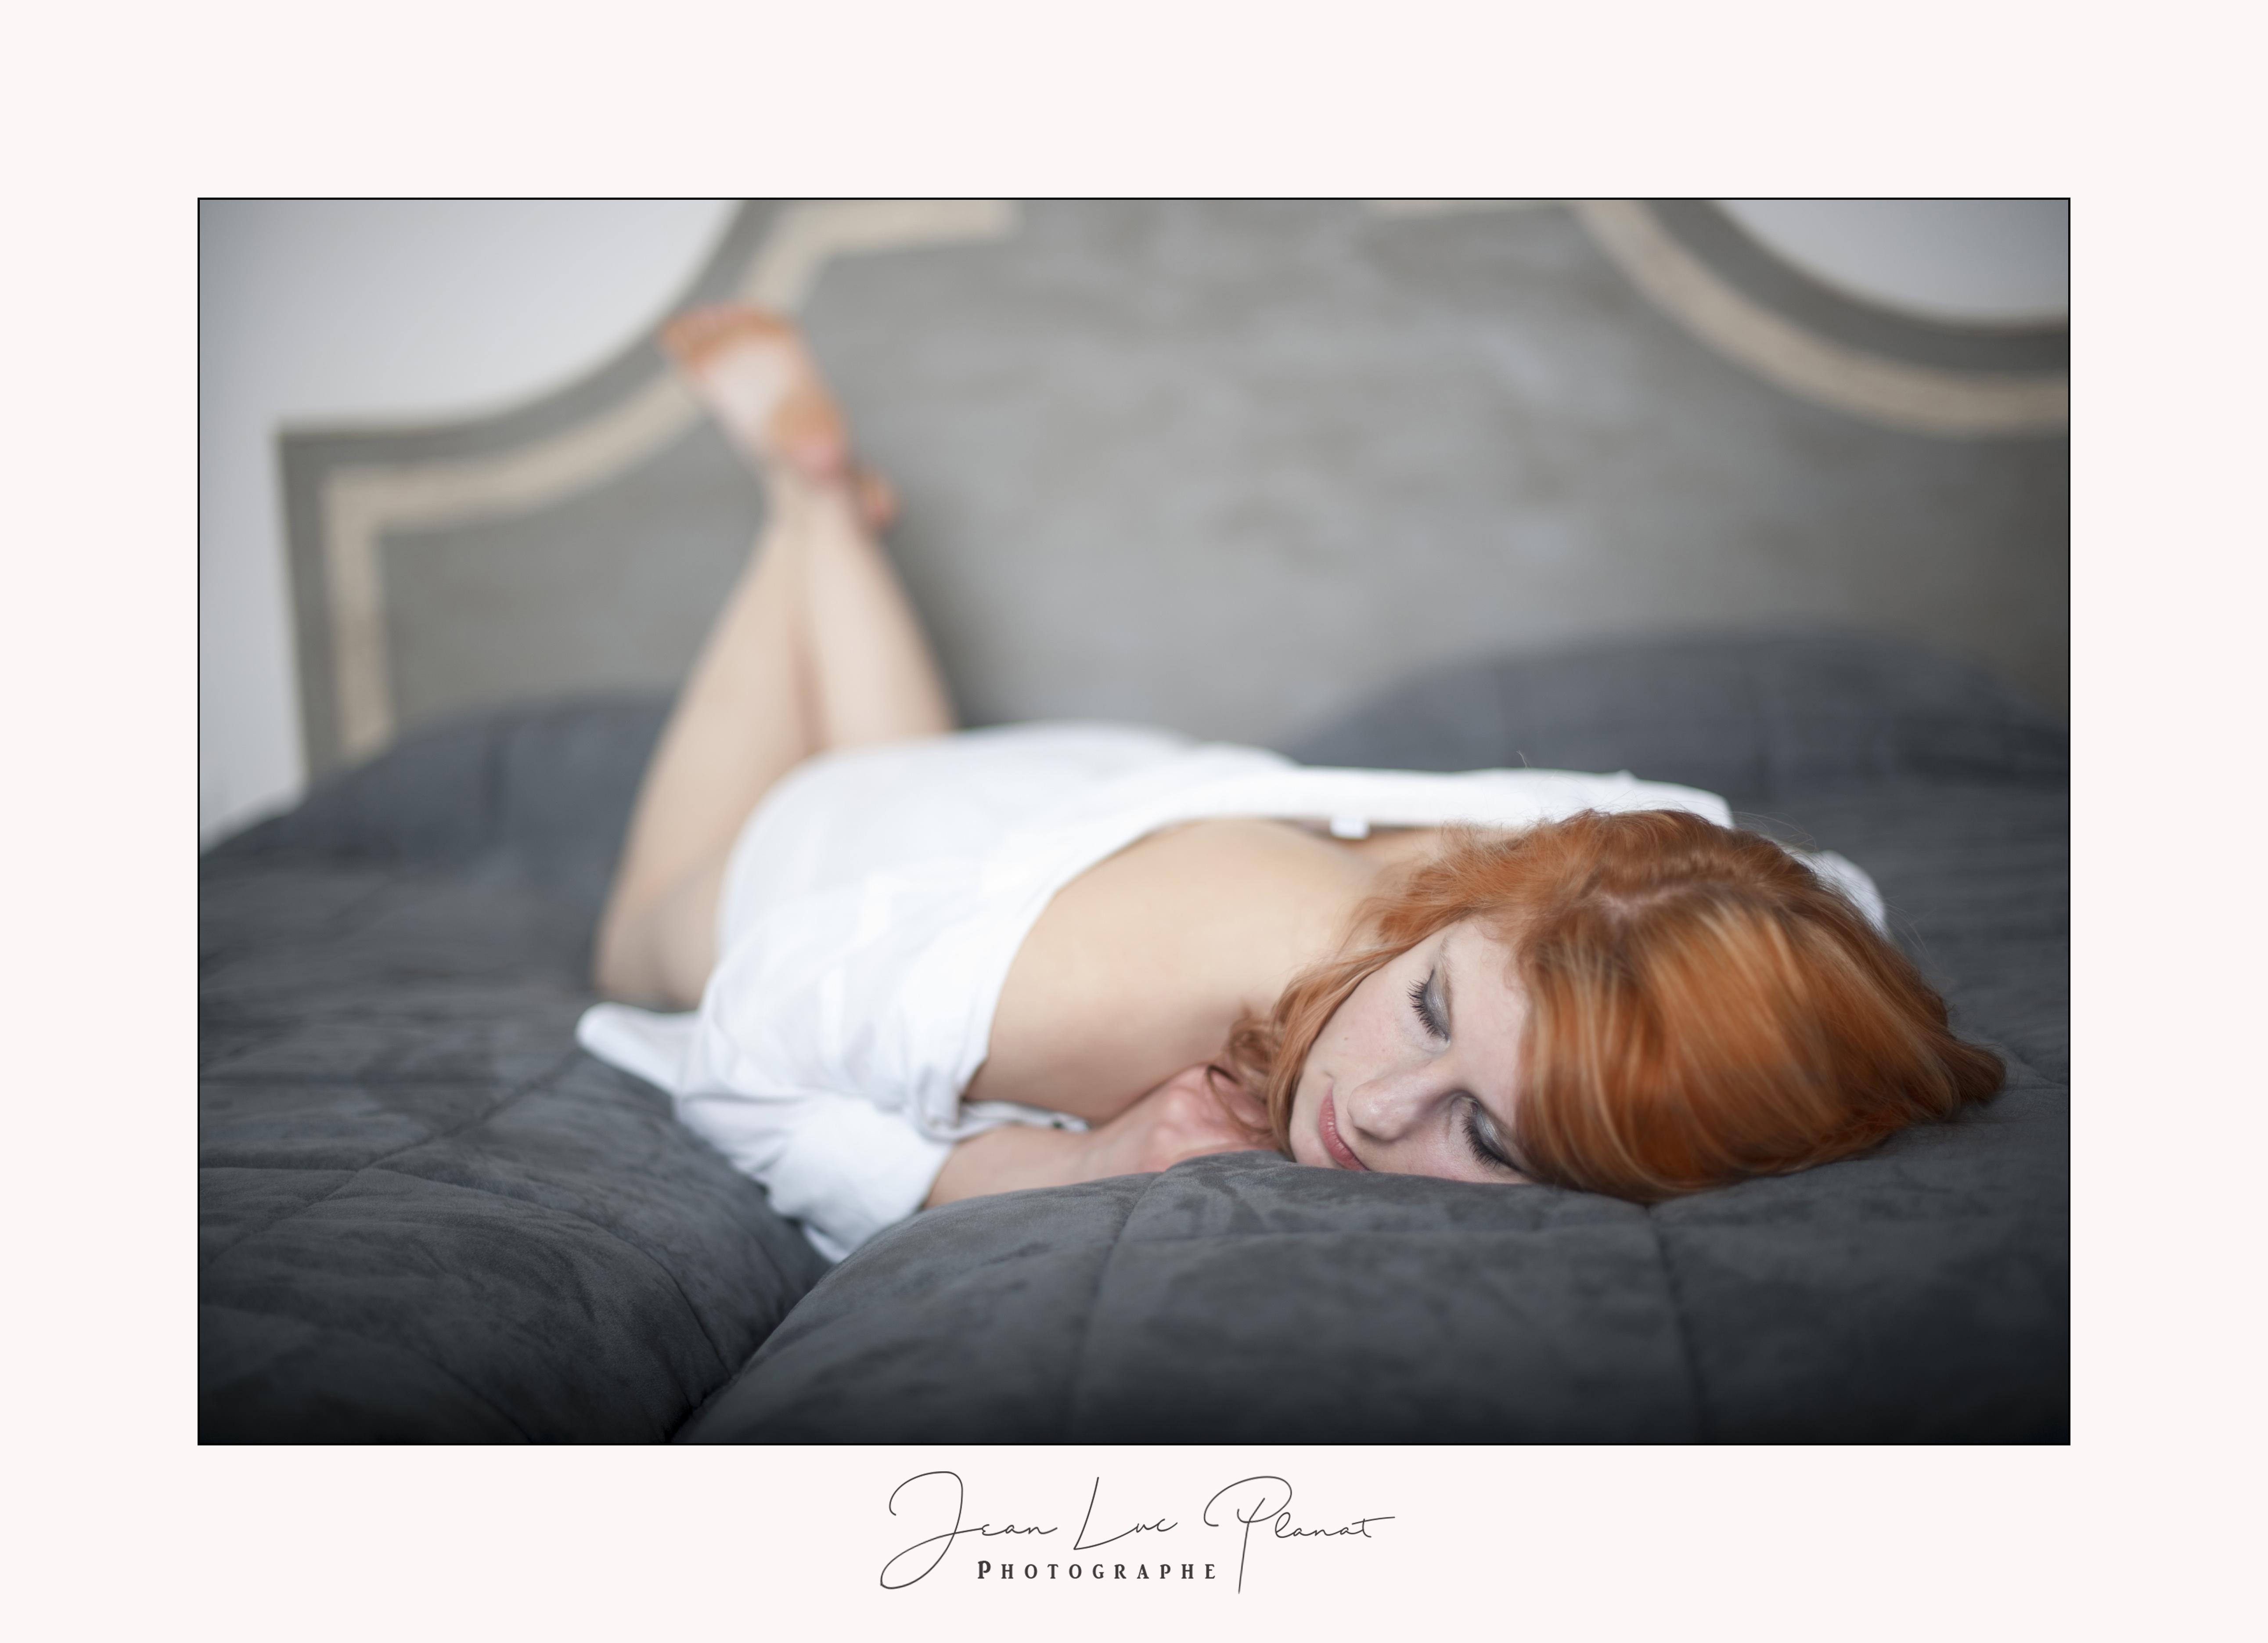 Jean-Luc Planat Photographe boudoir